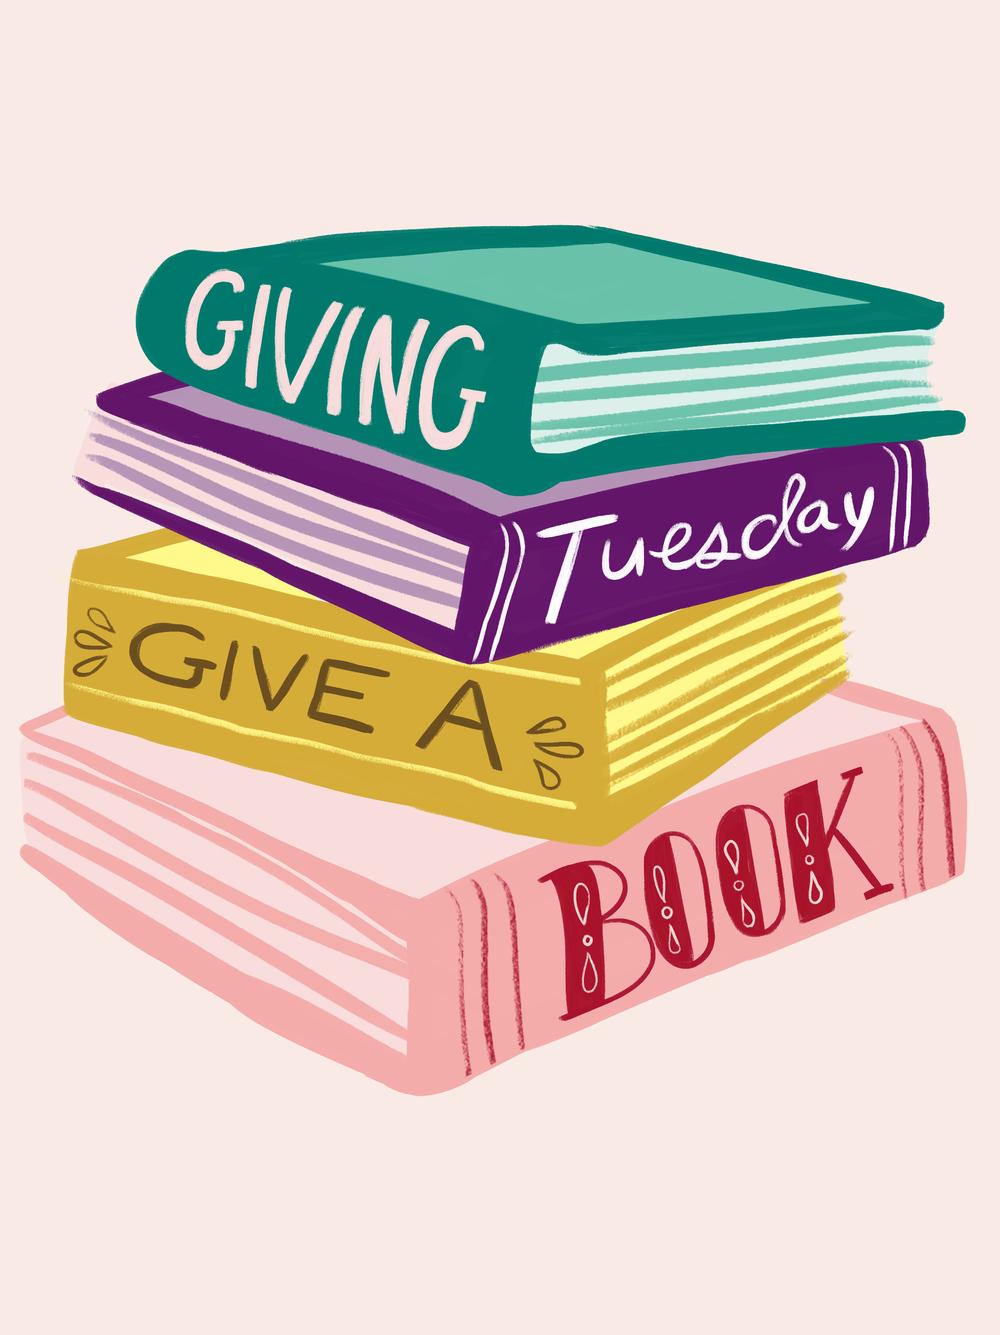 Donate $100 to Kusi Kawsay Library